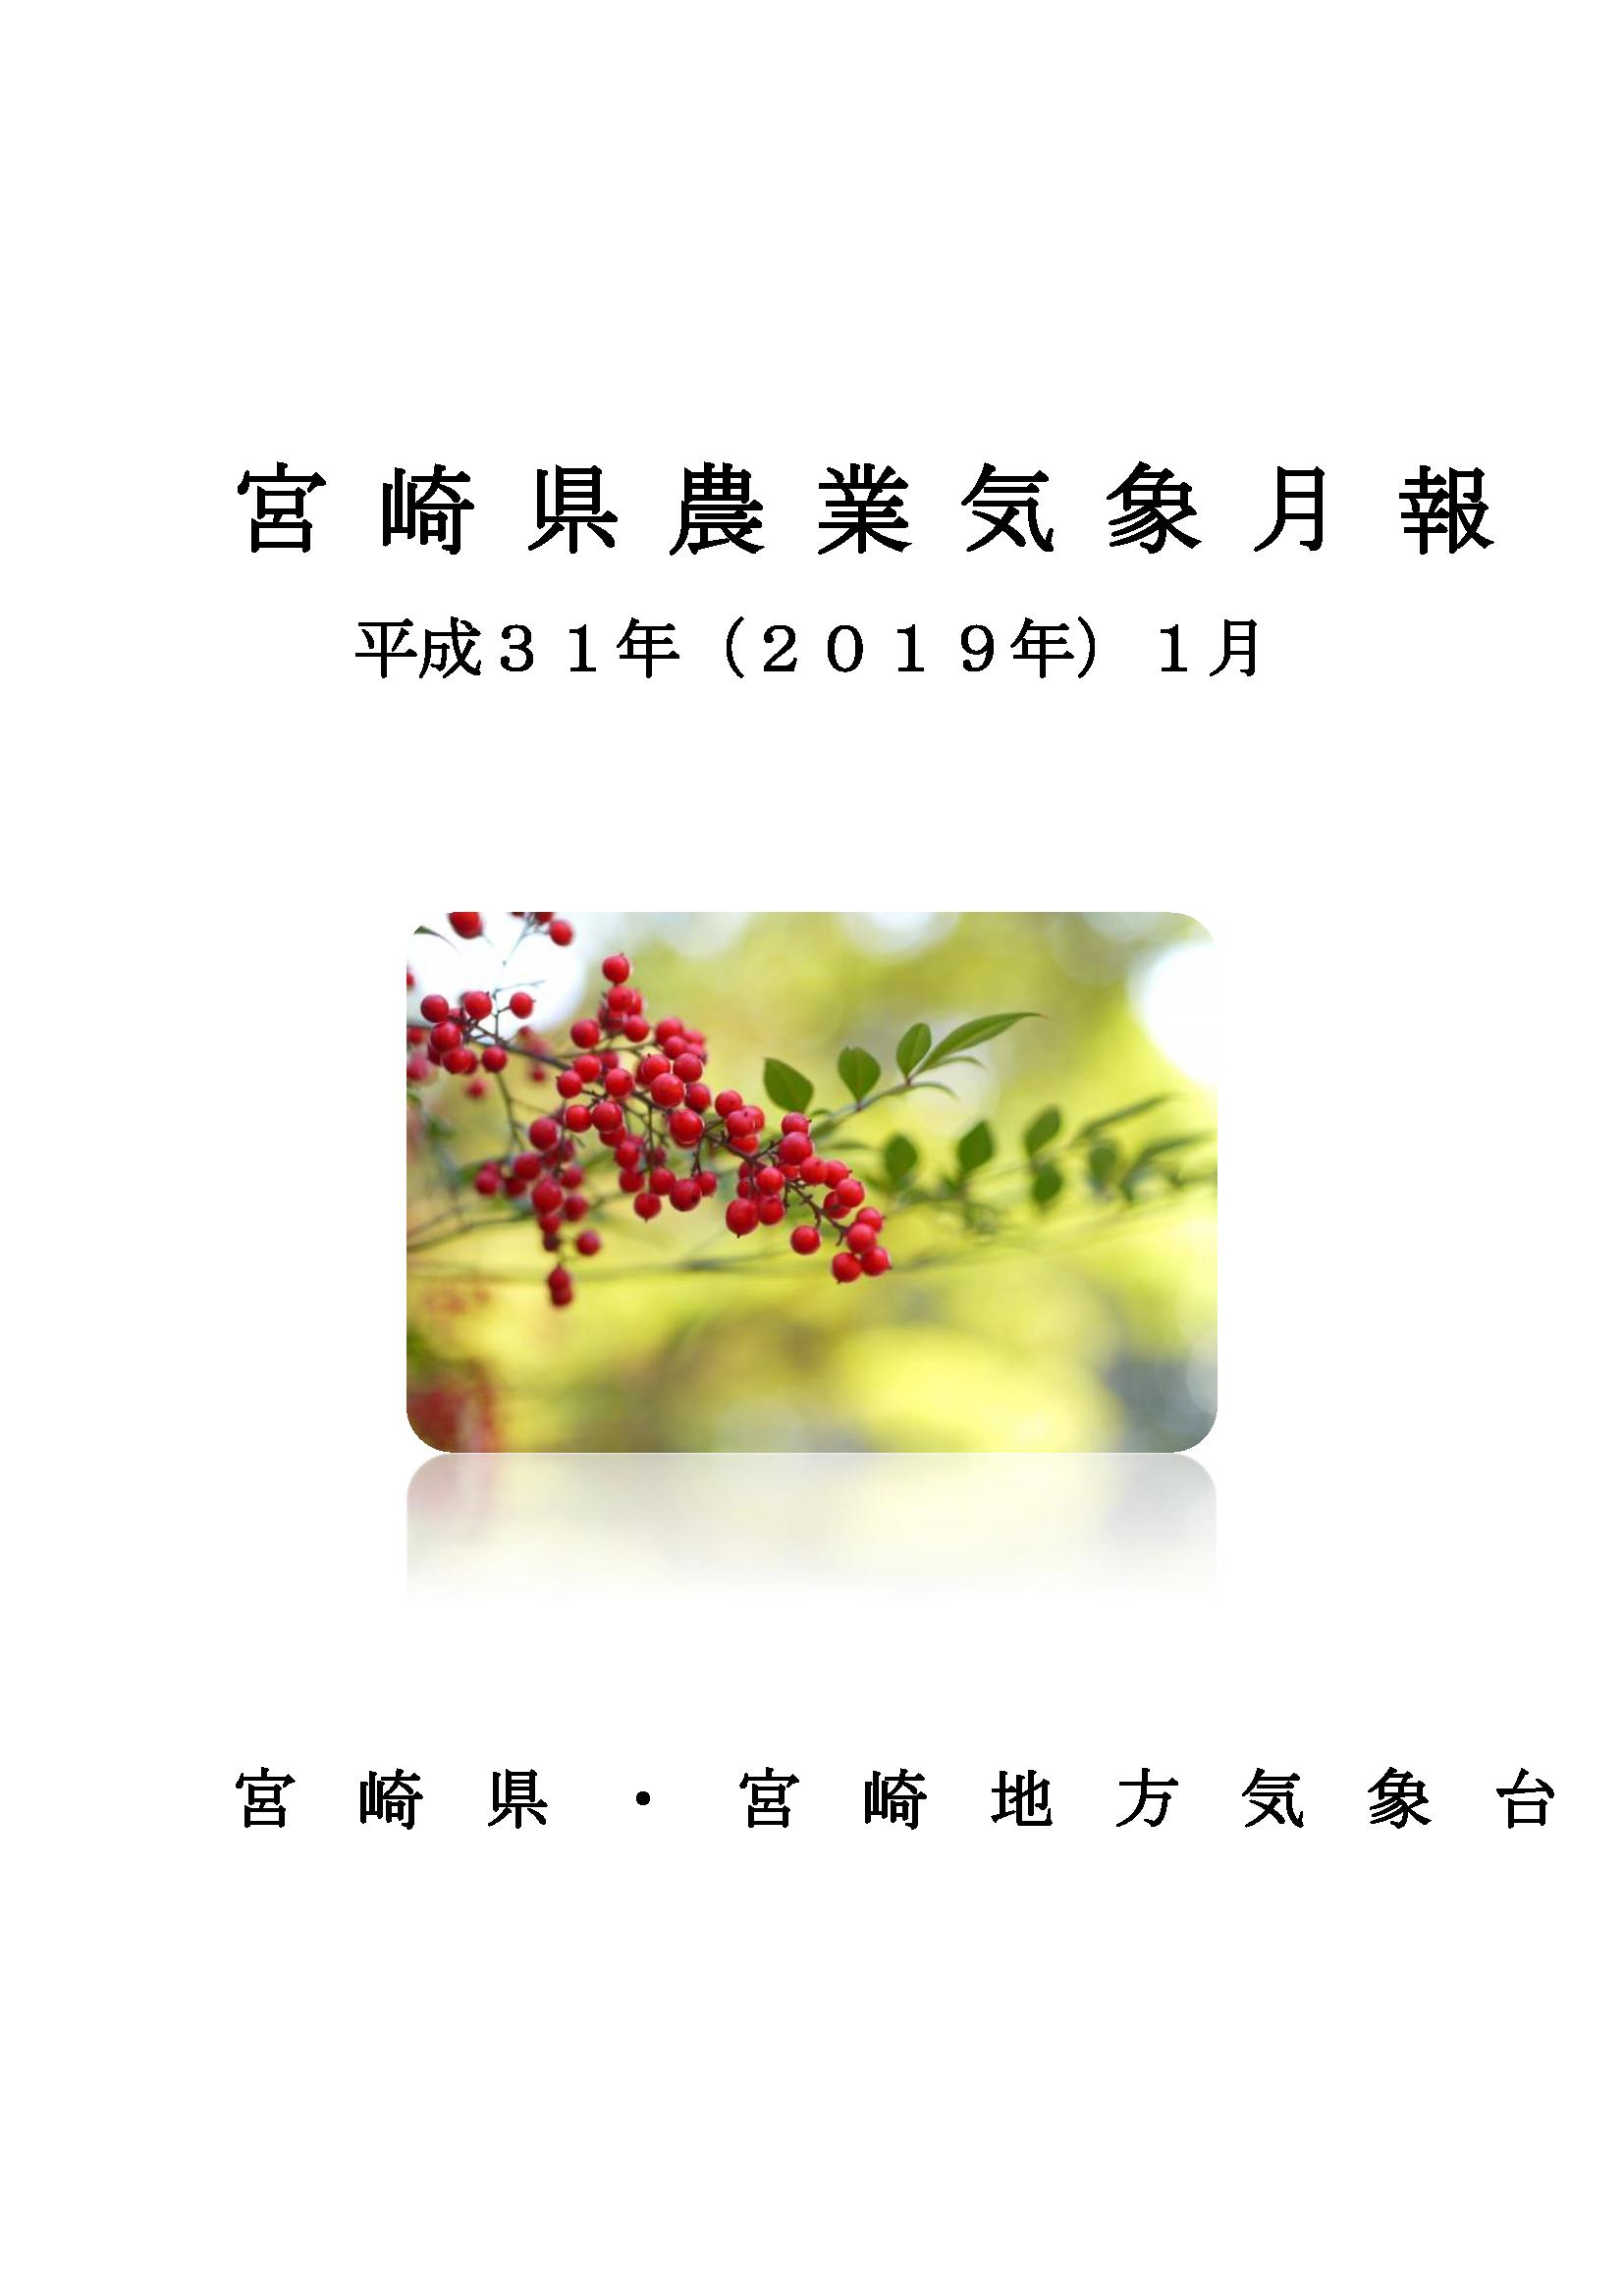 平成31年1月農業気象月報PDF